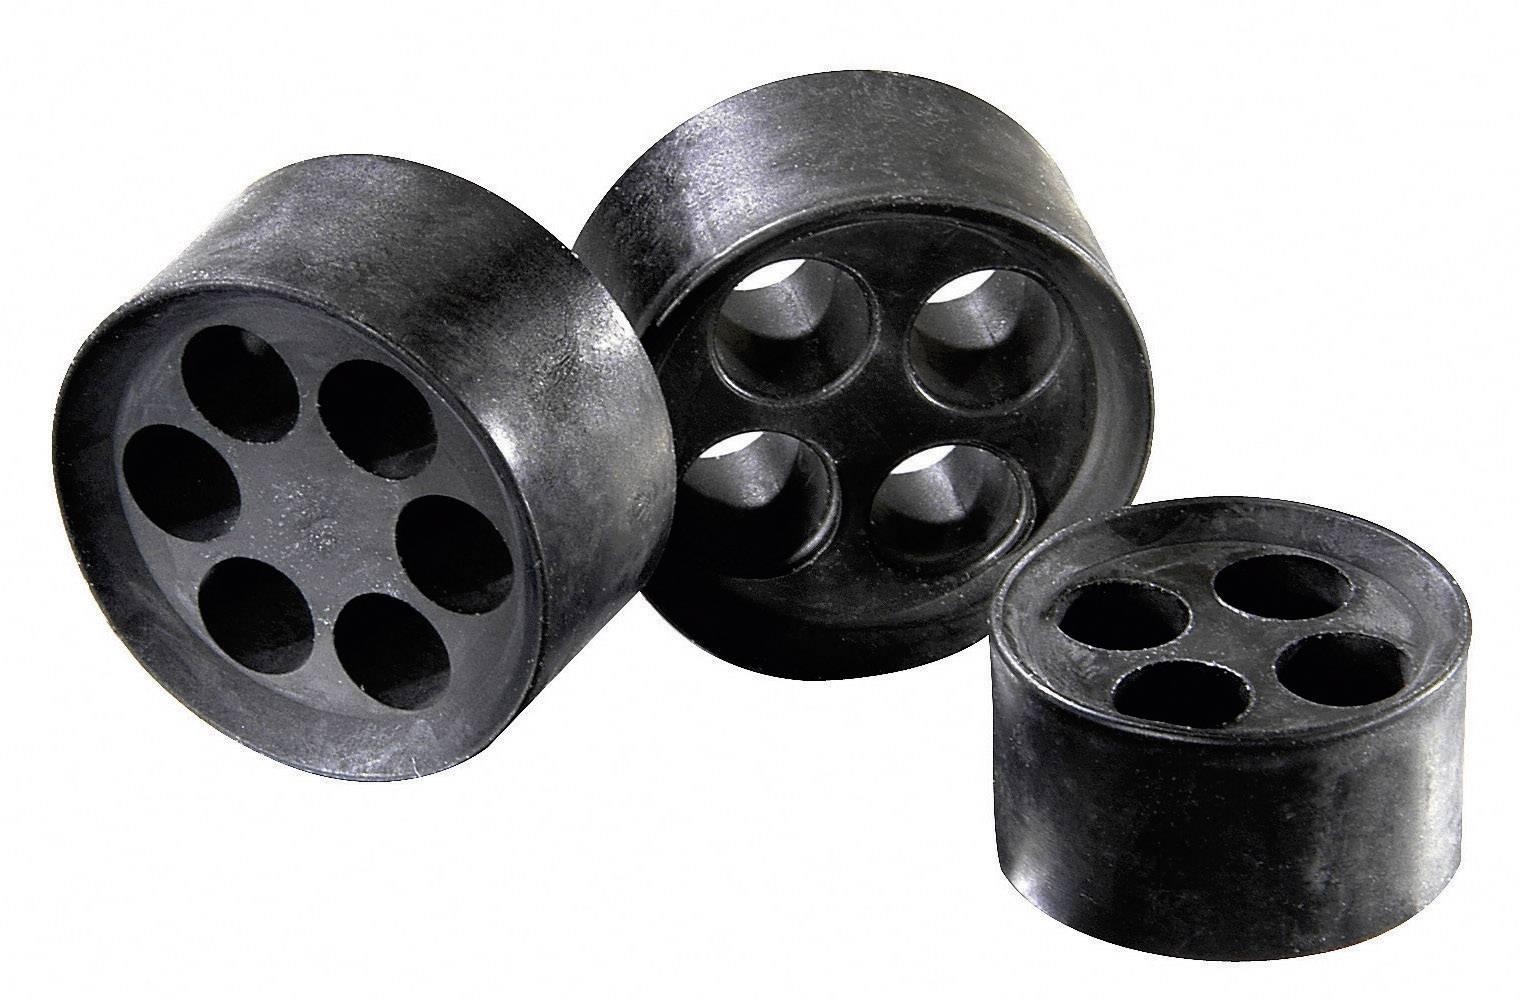 Těsnicí vložka M25 Wiska MFD 25/01/105-01/055 (10101255), IP66, M25, elastomer, černá